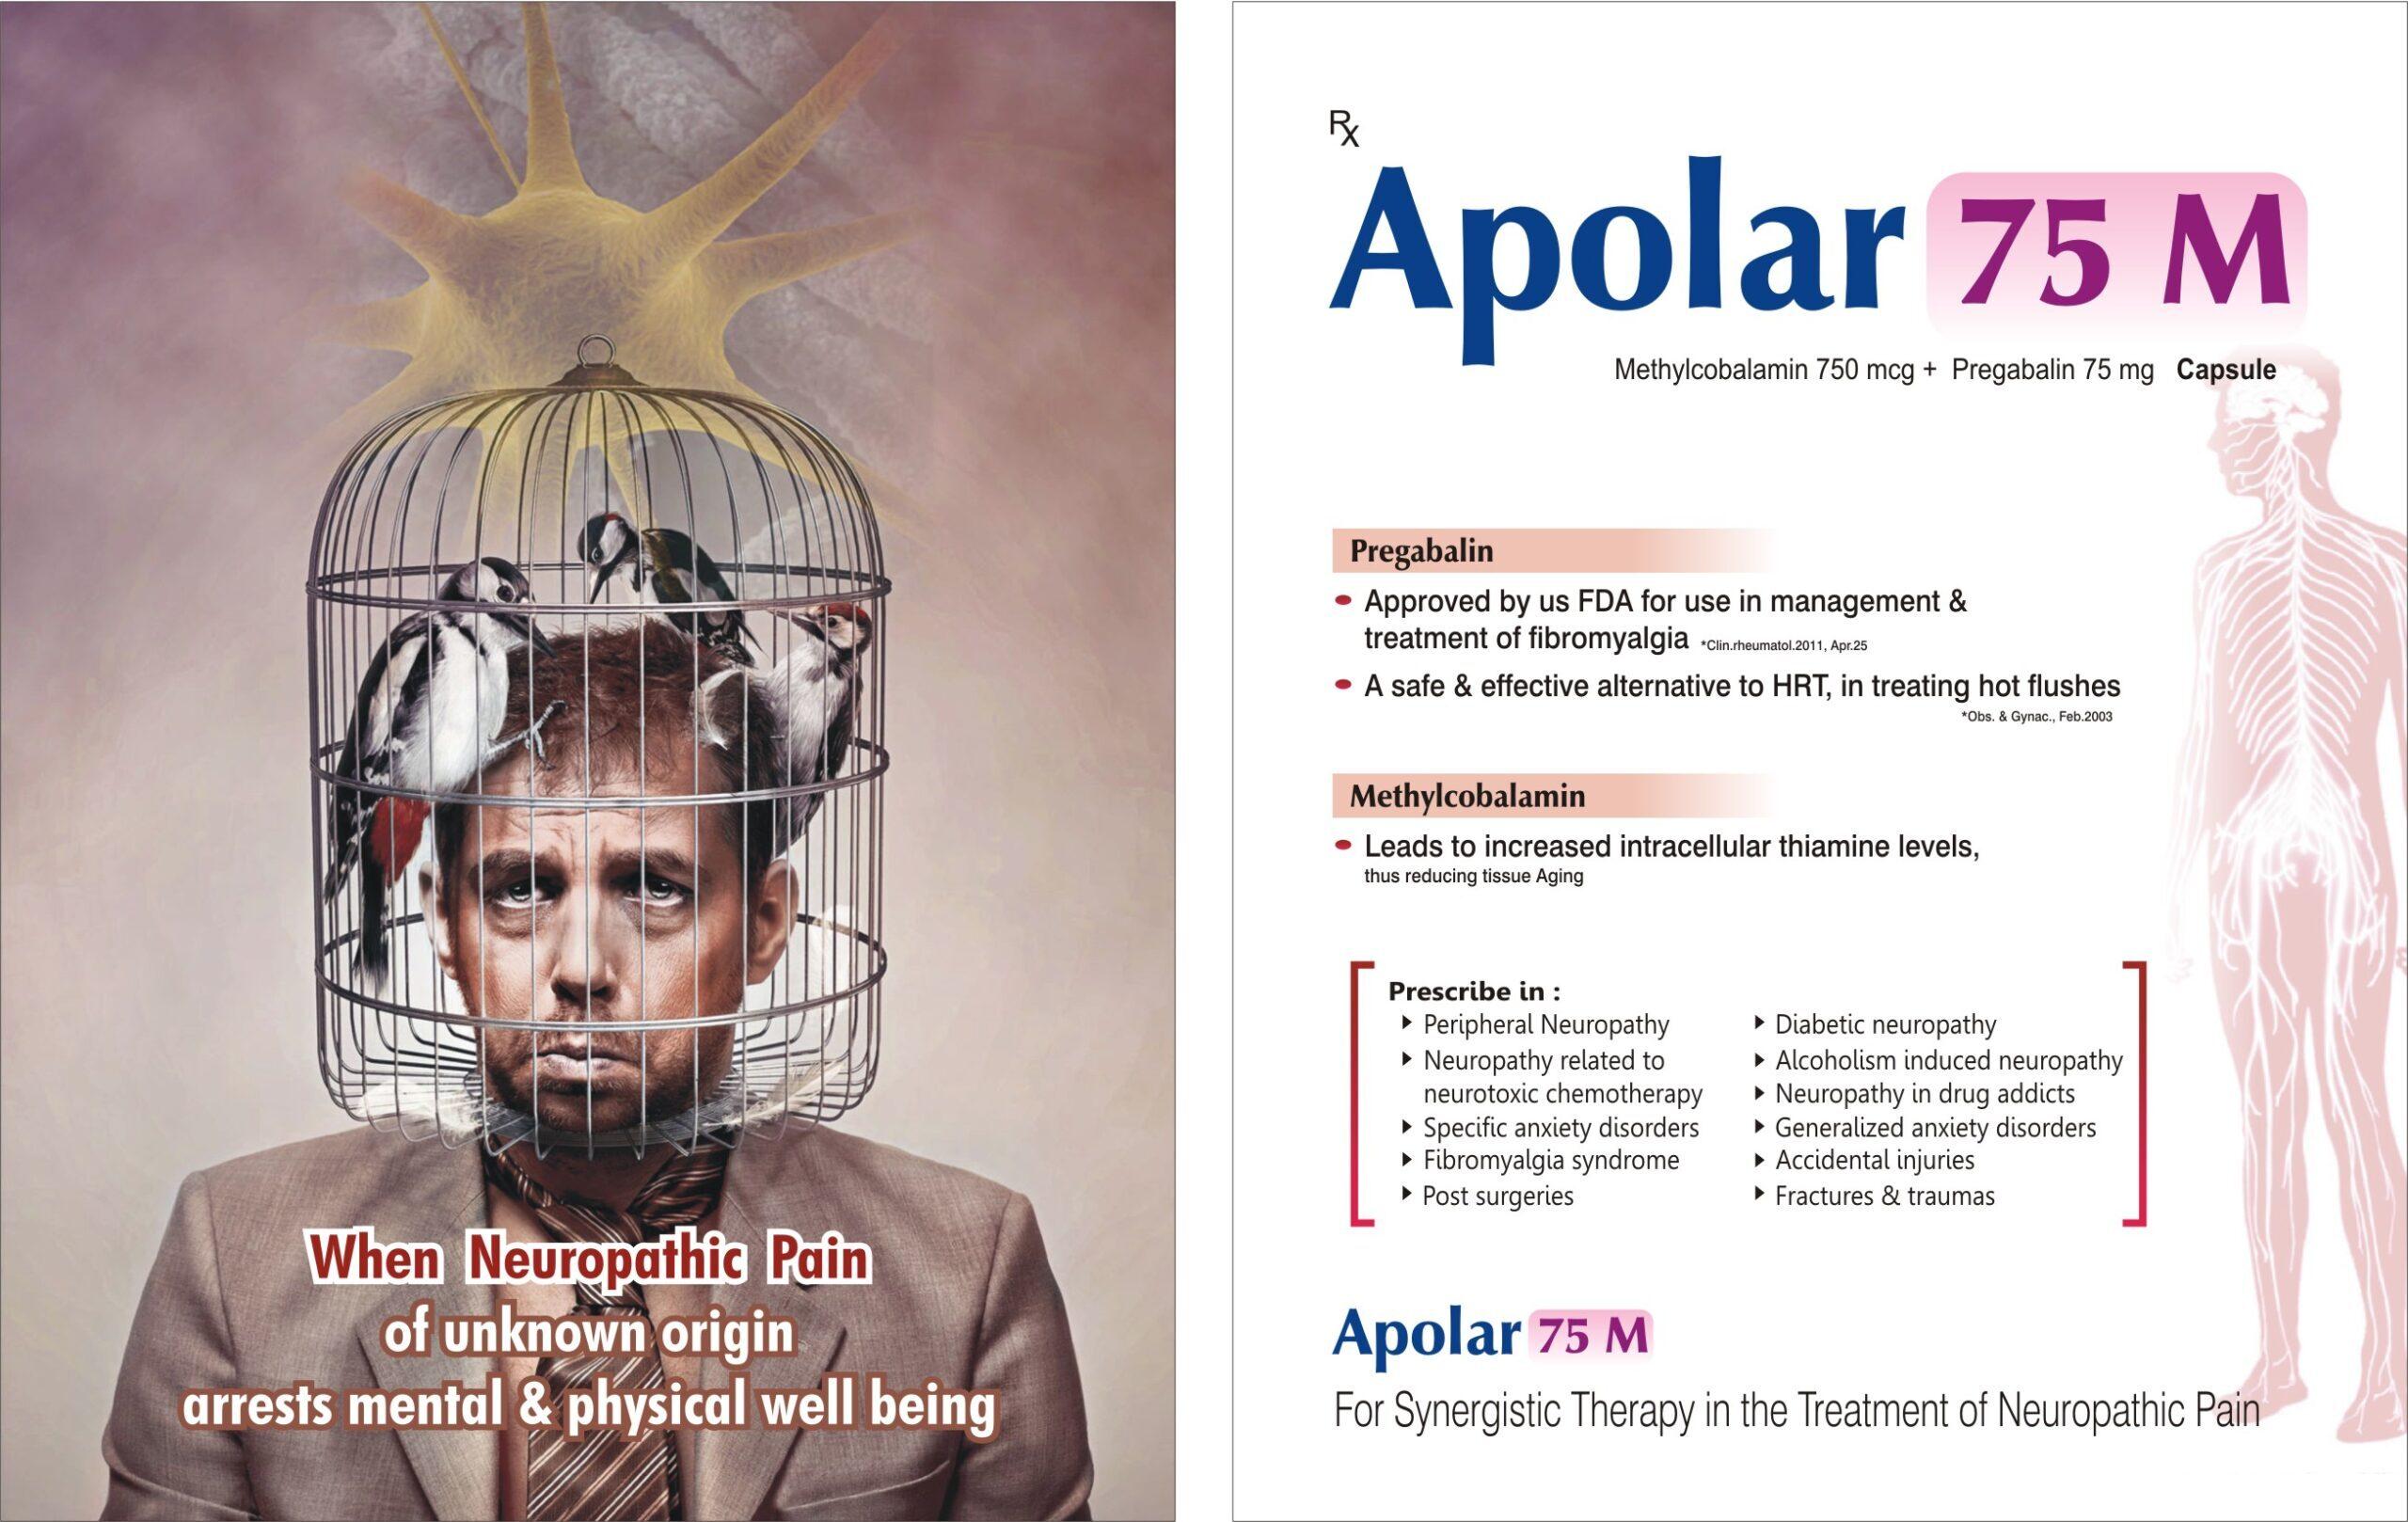 Apolar 75 M